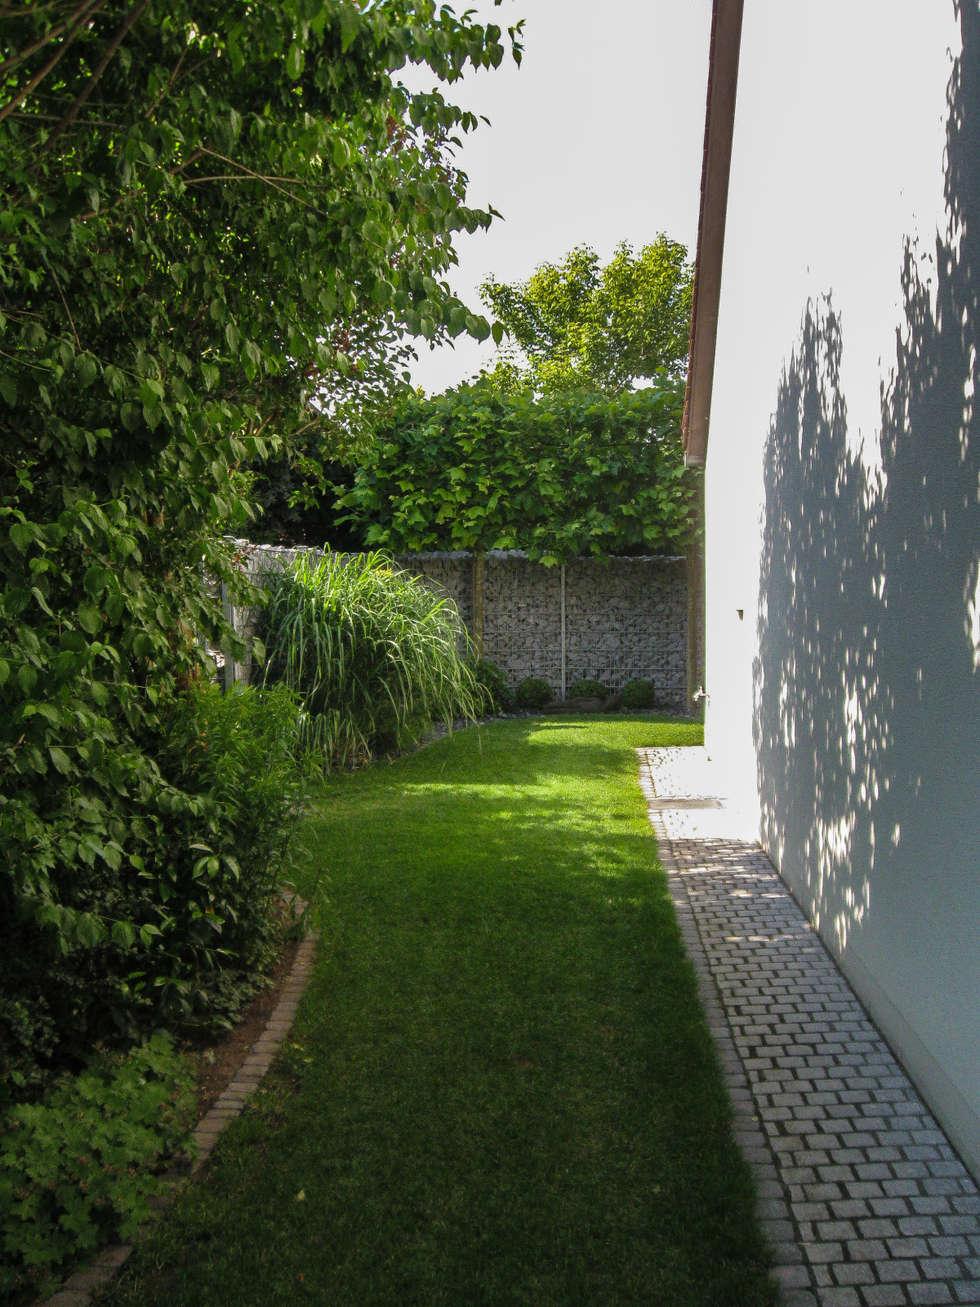 asiatischer garten bilder: designergarten im asiatischen stil | homify, Terrassen ideen